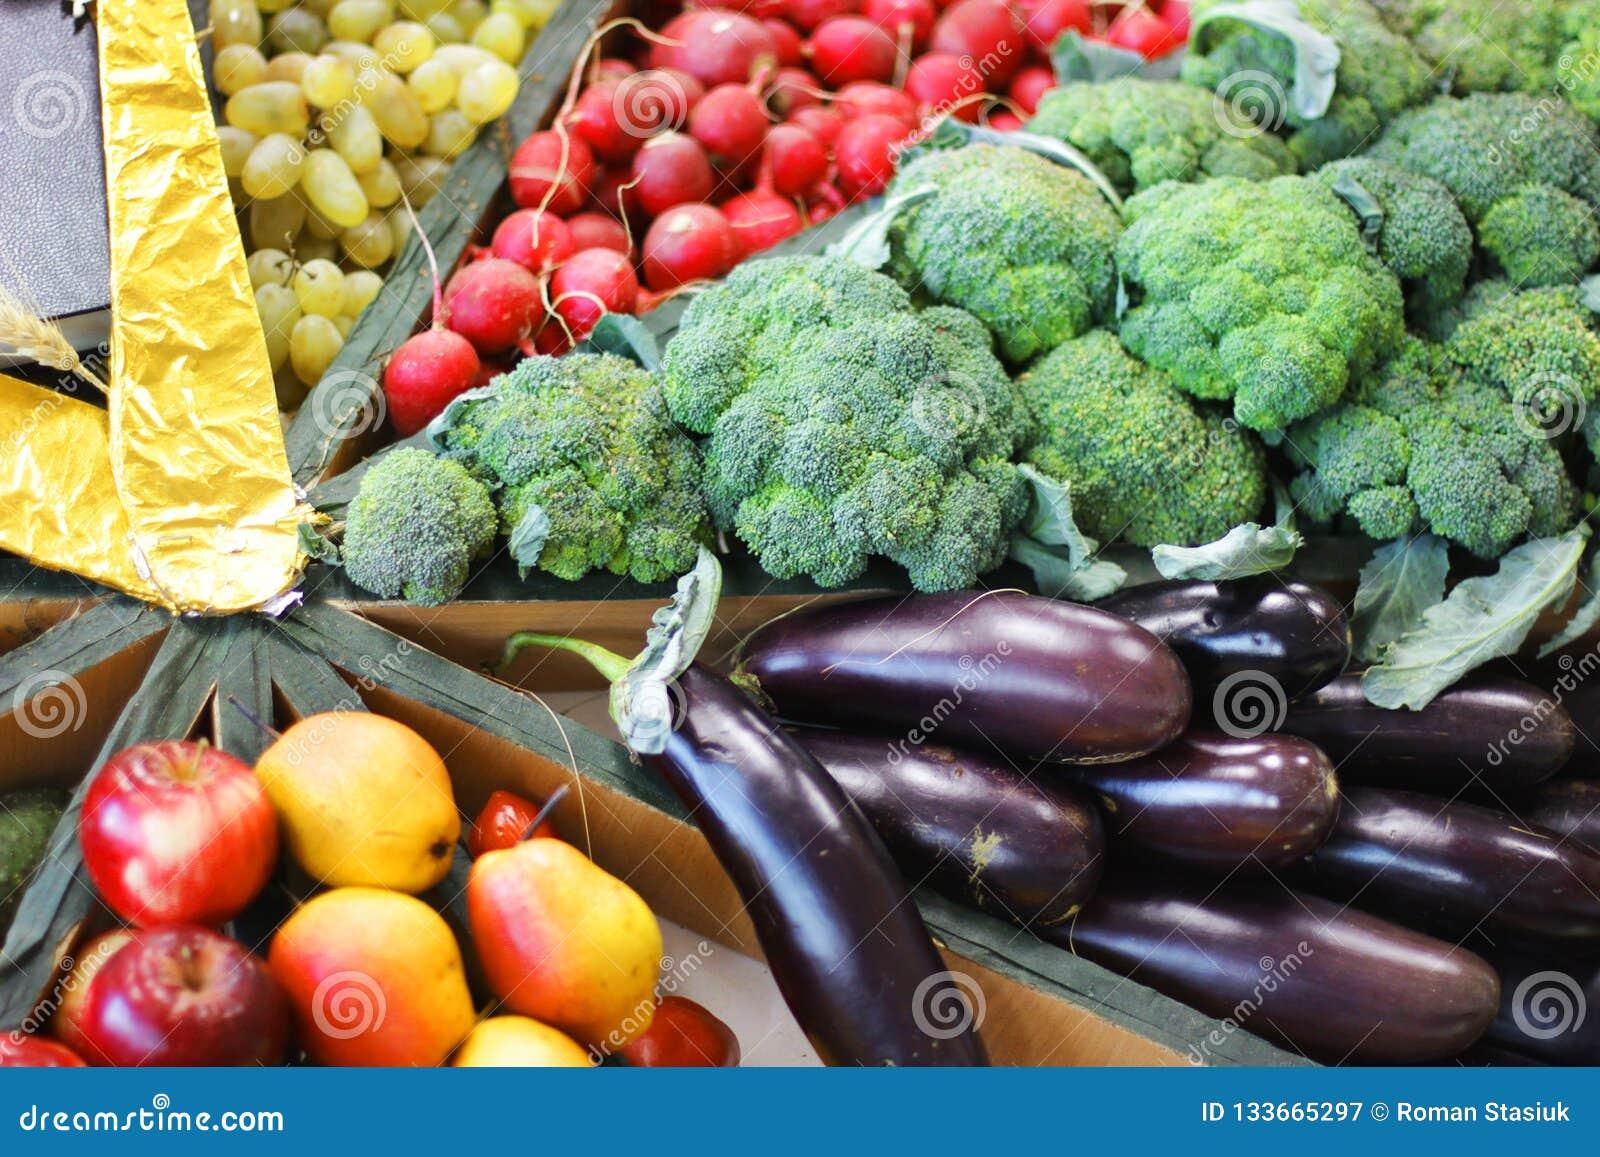 Ραδίκια, λάχανο, μελιτζάνες και σταφύλια συγκομιδών